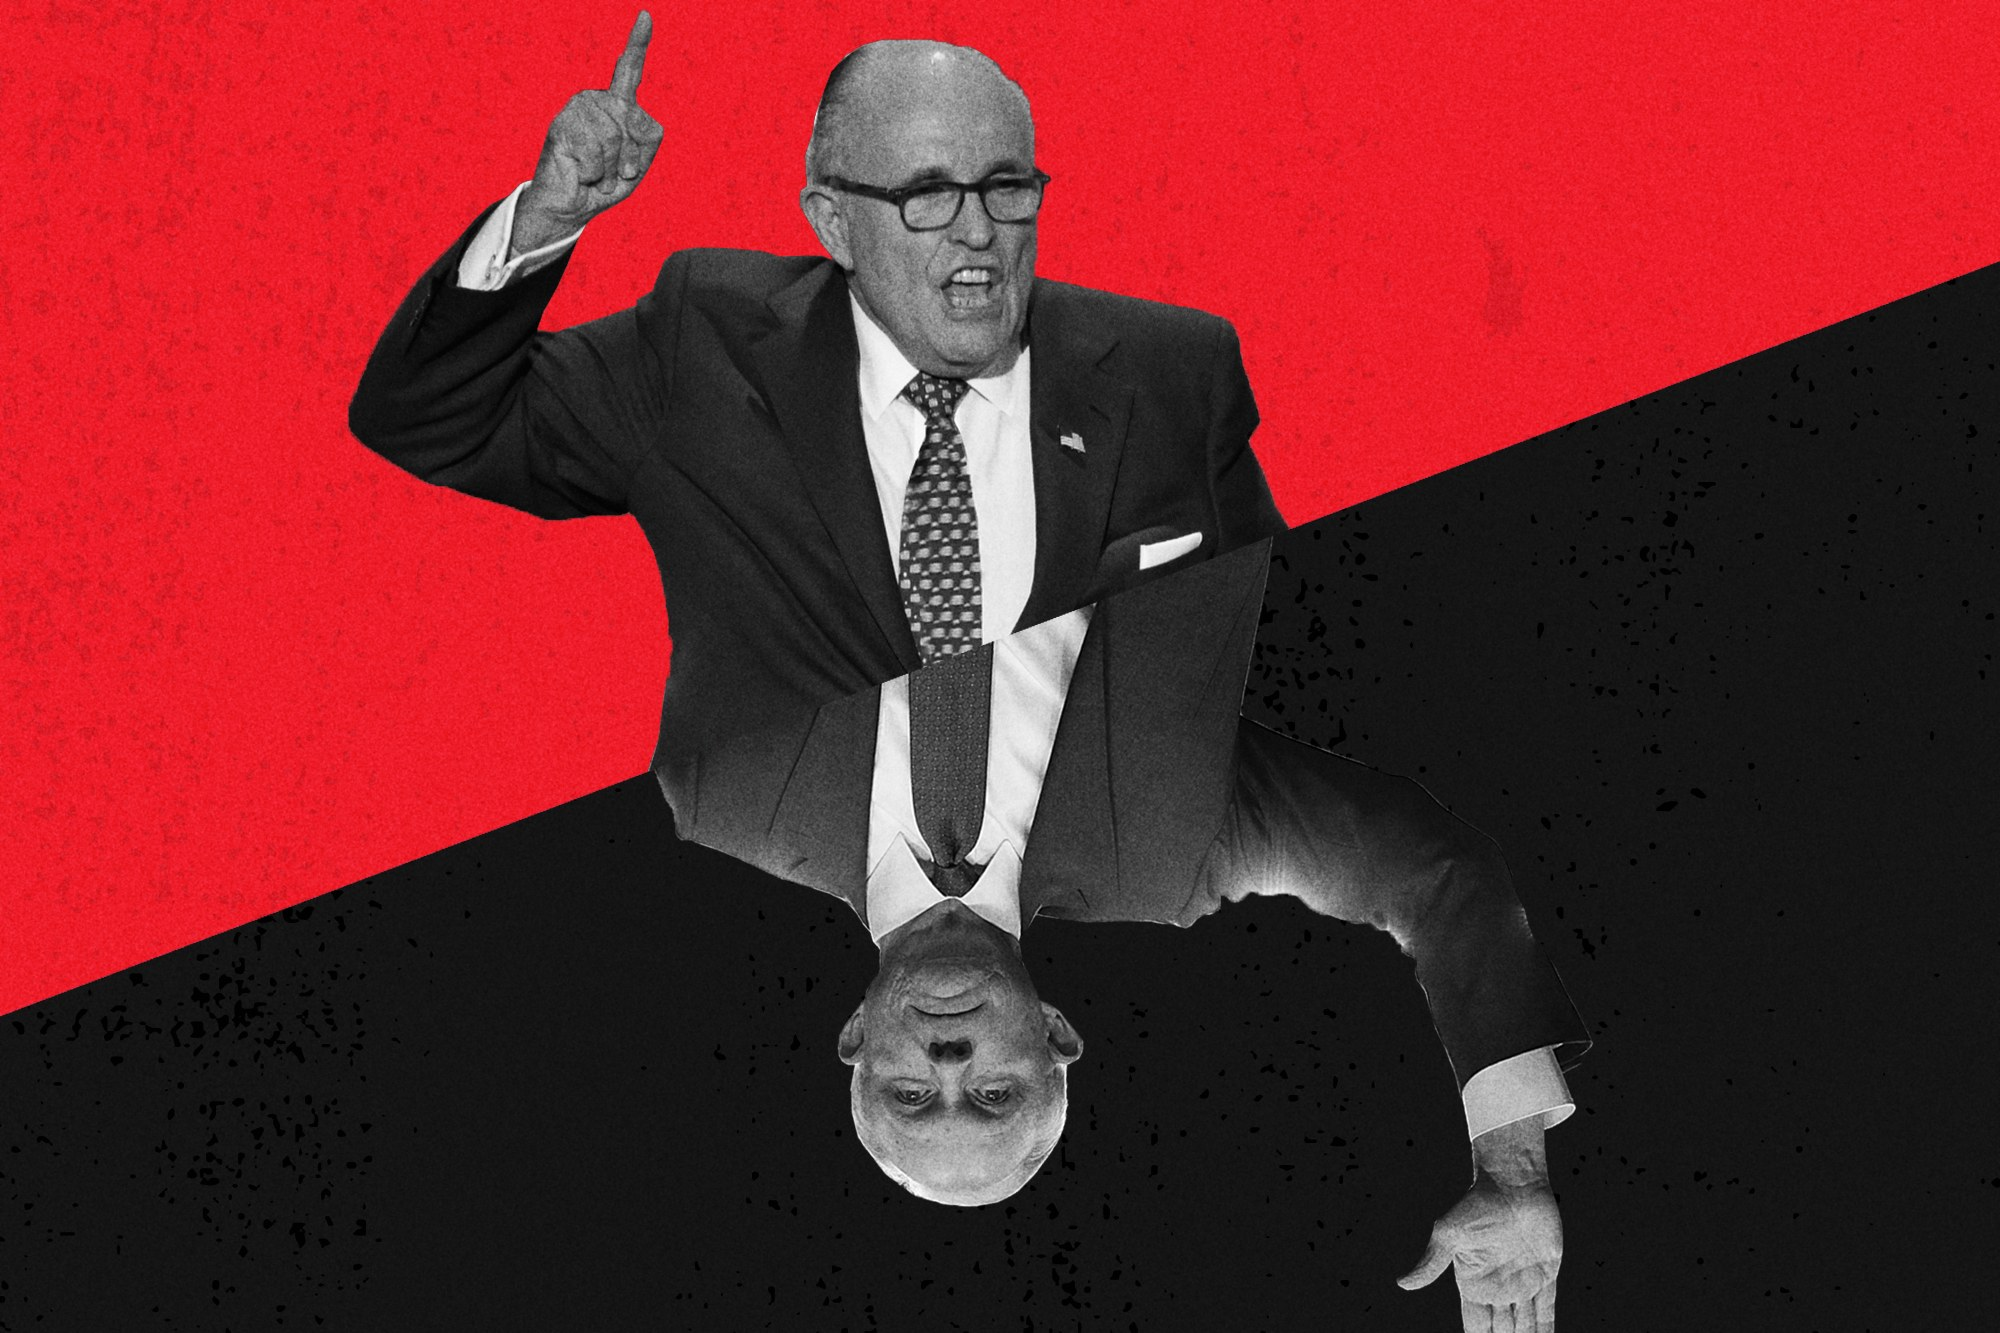 2017-07_GQ_AG-Giuliani_3x2.jpg